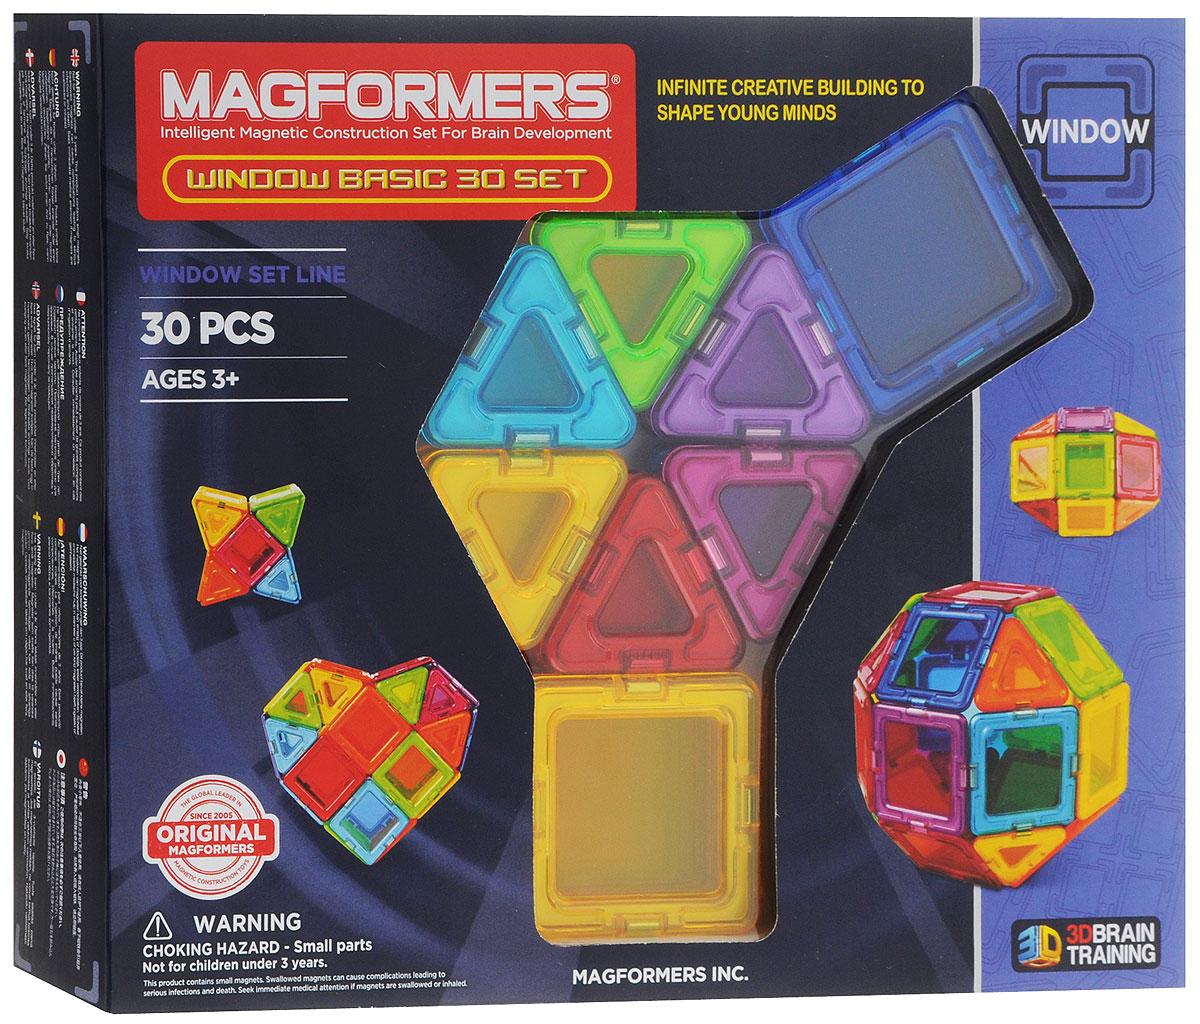 Magformers Магнитный конструктор Window Basic Set 30714002Магнитный конструктор Magformers Window Basic Set - представитель новой серии Window, в которую также входят Window Basic Set 14 и Window Inspire Set 14. Особенностью этой серии являются магнитные детали со сплошным центром, из которых можно собрать непрозрачные модели. В набор входит 30 элементов в форме квадратов и треугольников, с помощью которых можно легко создавать разнообразные объемные предметы. В комплекте представлена иллюстрированная книжка-инструкция, которая наглядно демонстрирует принципы построения моделей из магнитного конструктора Магформерс. Каждая деталь содержит окошко из цветного прозрачного пластика, что открывает новые возможности для творчества. Теперь у сконструированных машин появятся лобовые стекла, а окна небоскребов будут выглядеть как настоящие! Все элементы Magformers Window Basic Set также совместимы с любыми другими наборами Магформерс, что позволяет пополнить уже имеющуюся коллекцию новыми необычными цветами и расширить варианты...